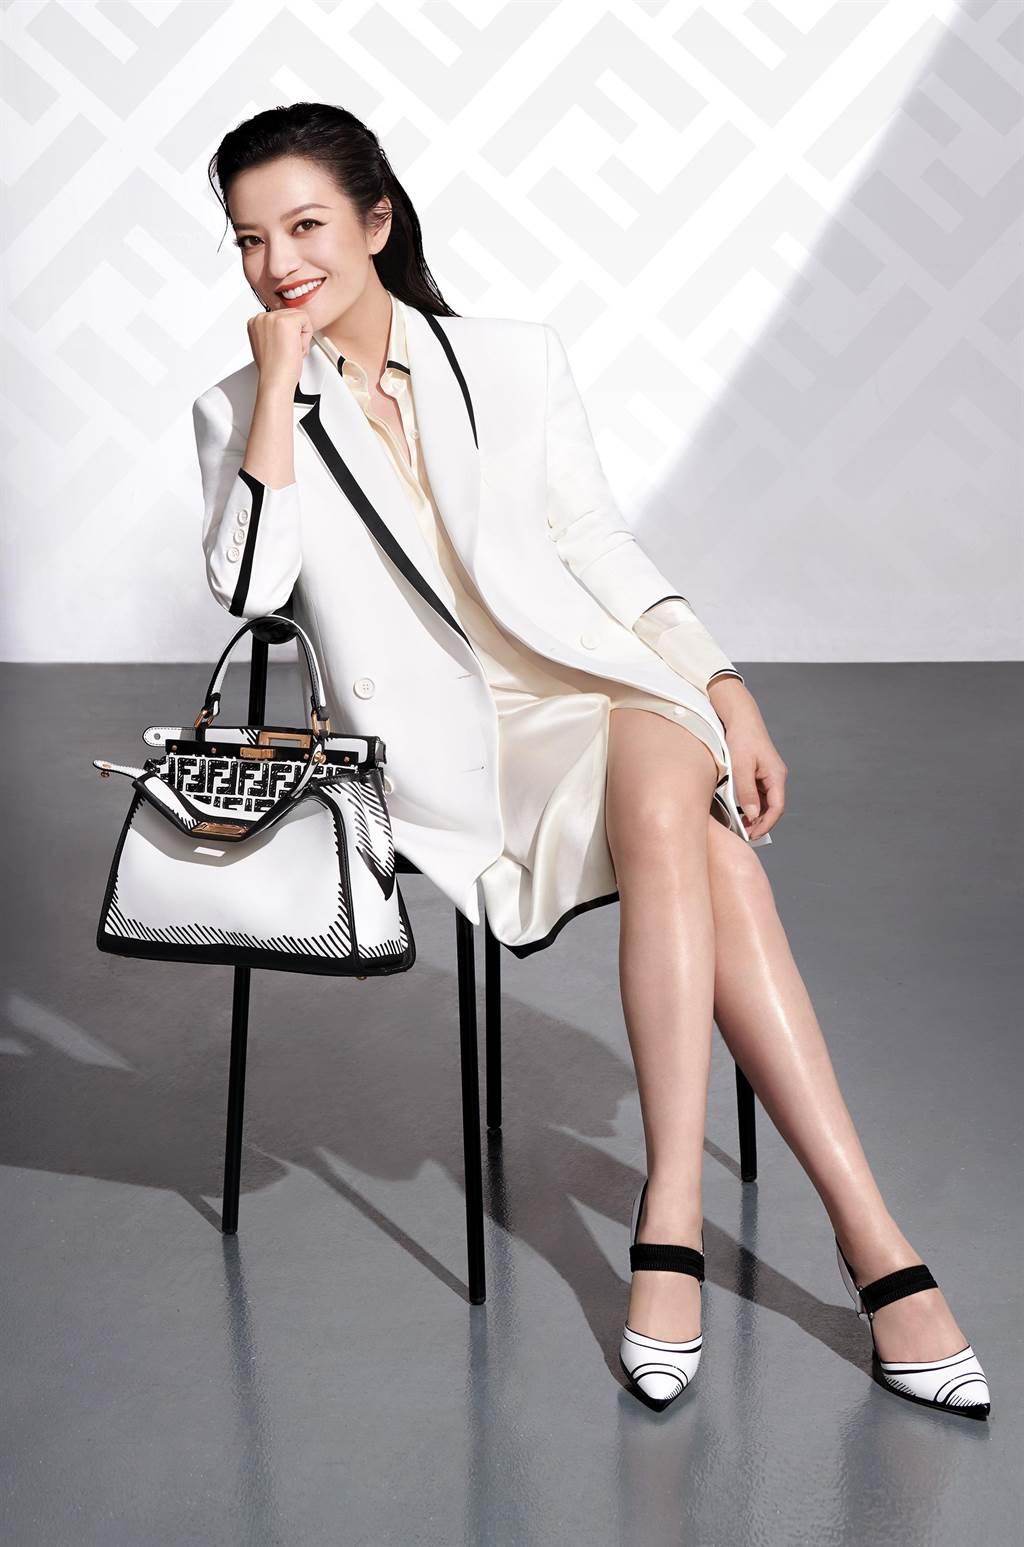 圖一:趙薇身著白色西裝外套,展現美腿與自信。(FENDI提供)